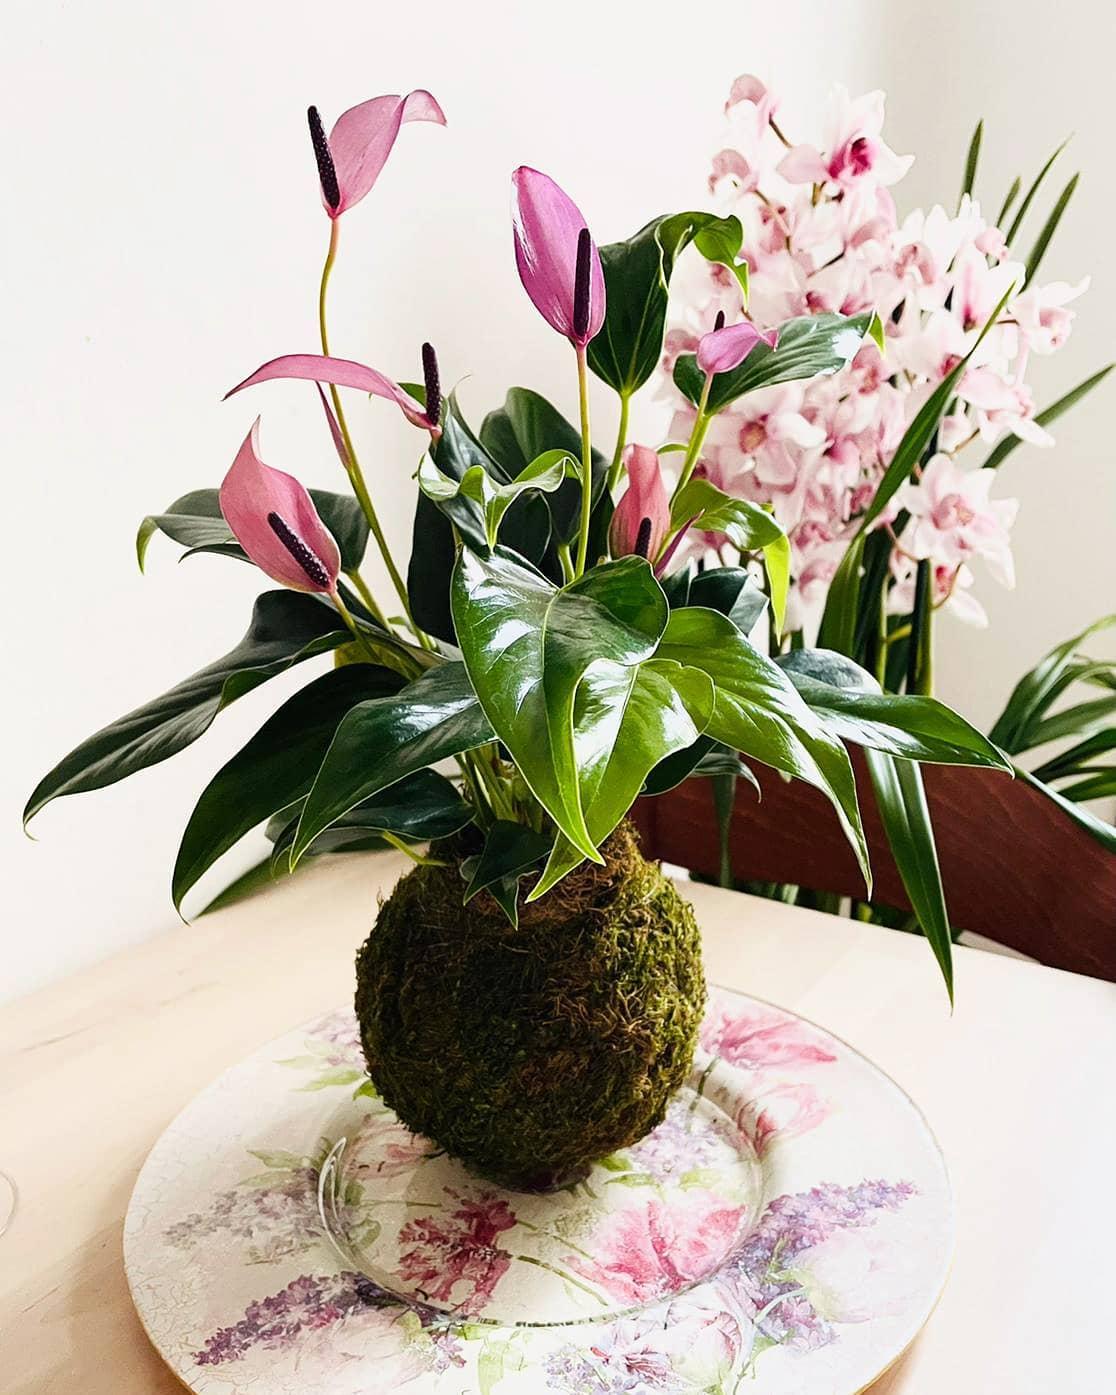 Anthurium. Mantenere l'Anthurium tra i 16 e i 18°C e assicurarle la giusta dose di umidità è una delle poche cure che questa pianta richiede.